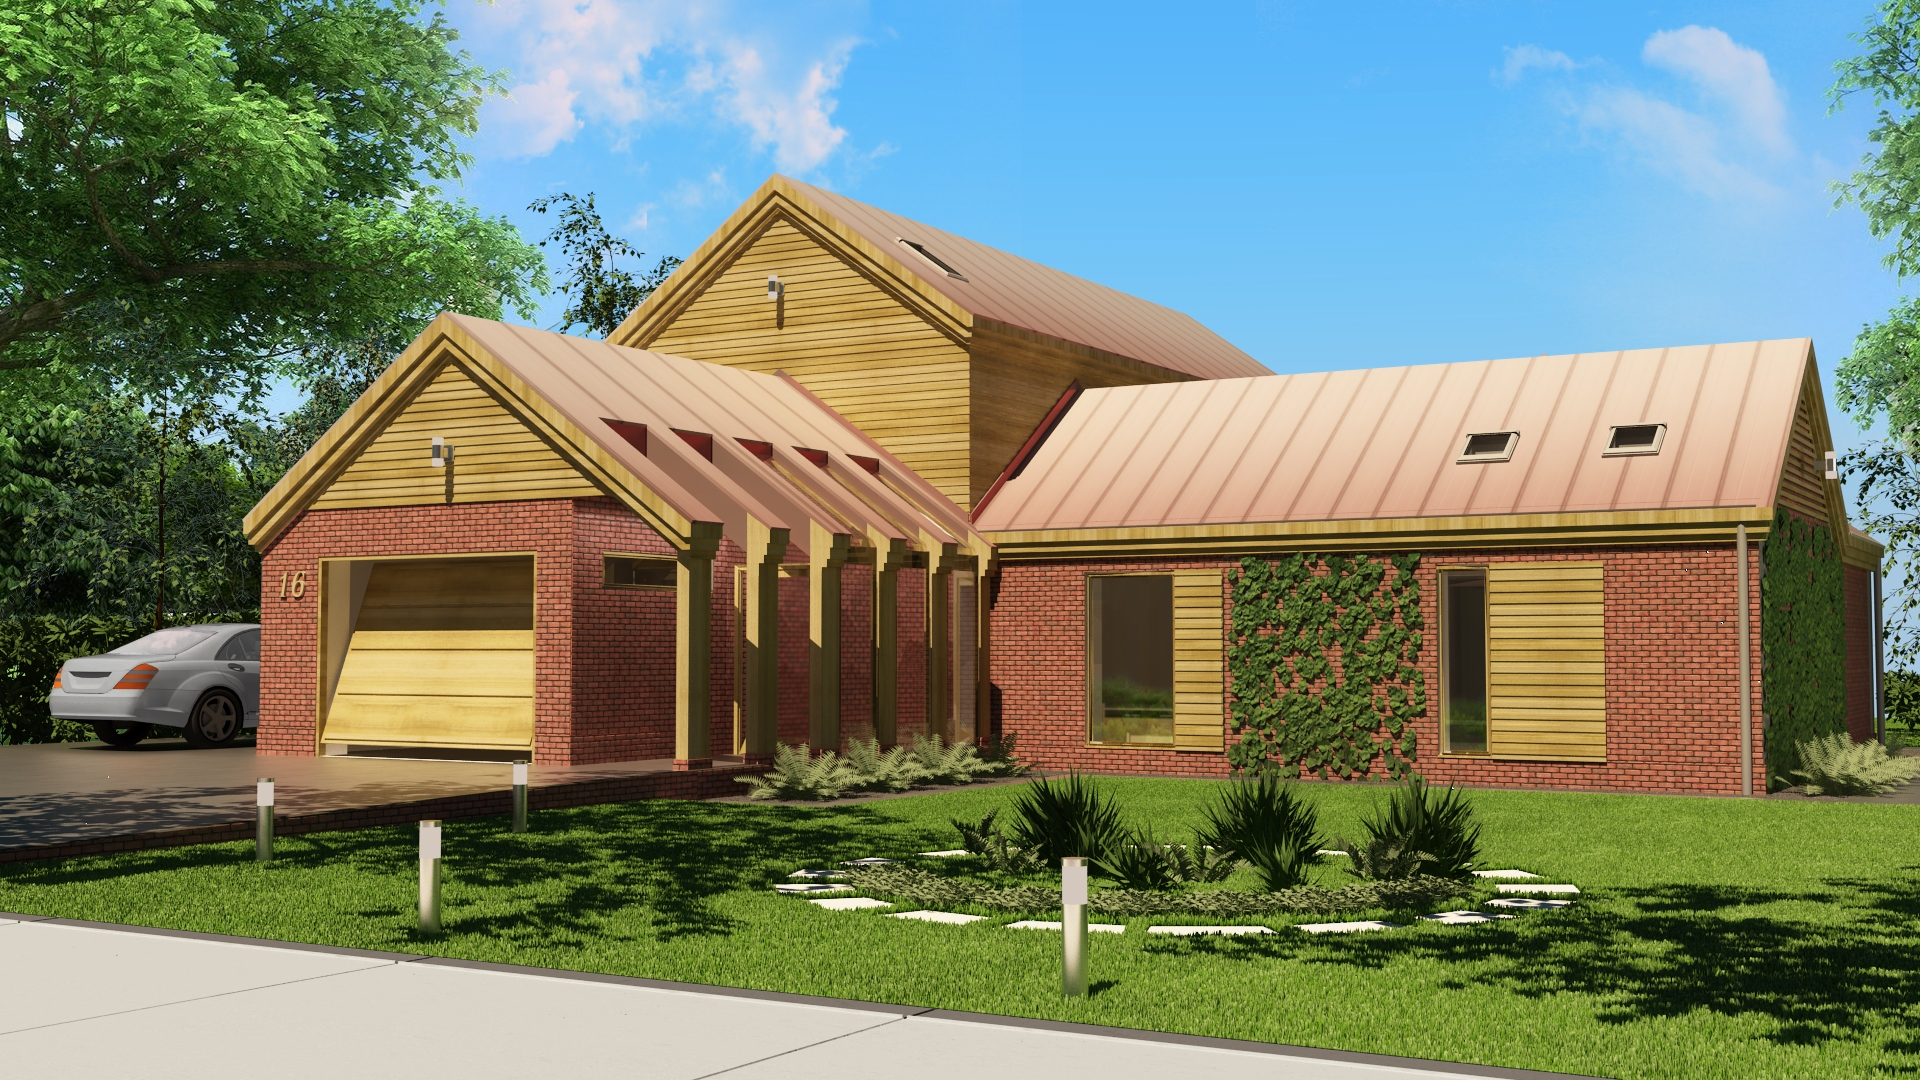 dom jednorodzinny z cegły